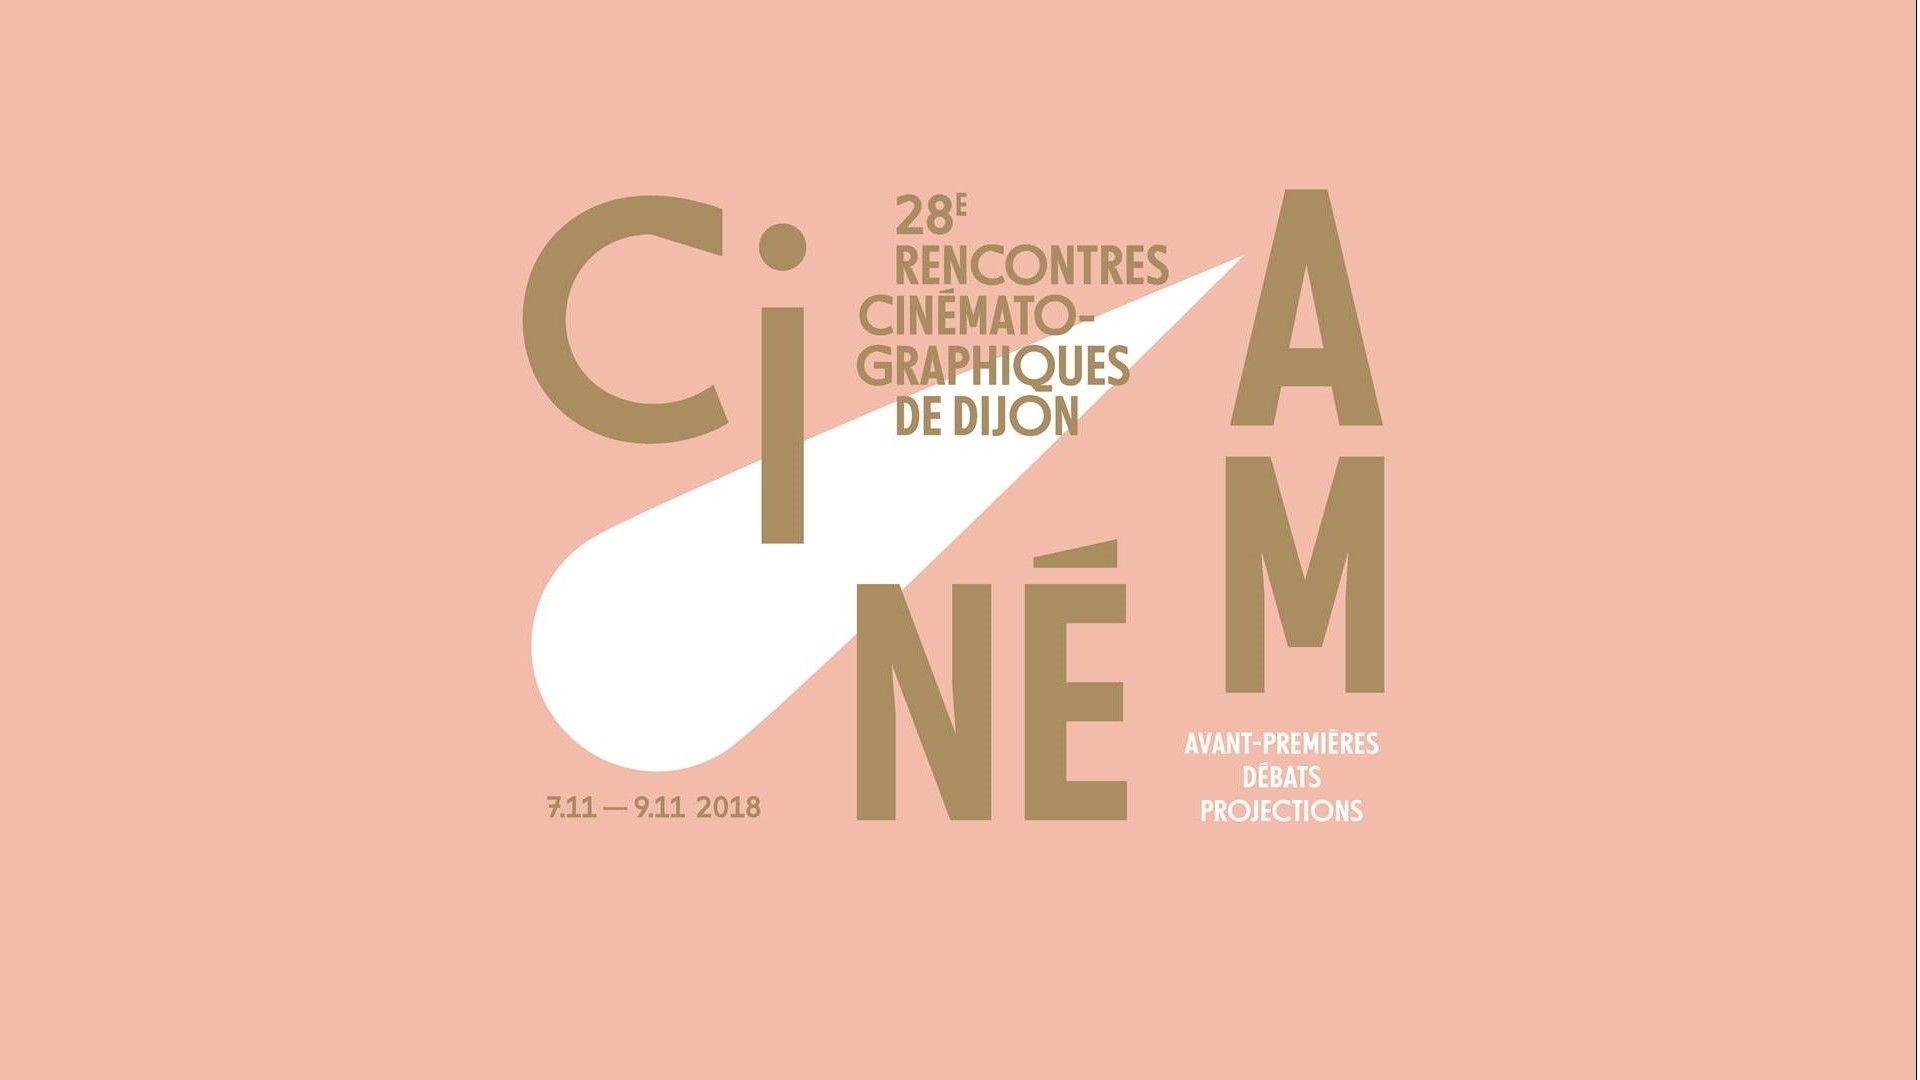 28ème édition des Rencontres Cinématographiques de Dijon avec Canal+